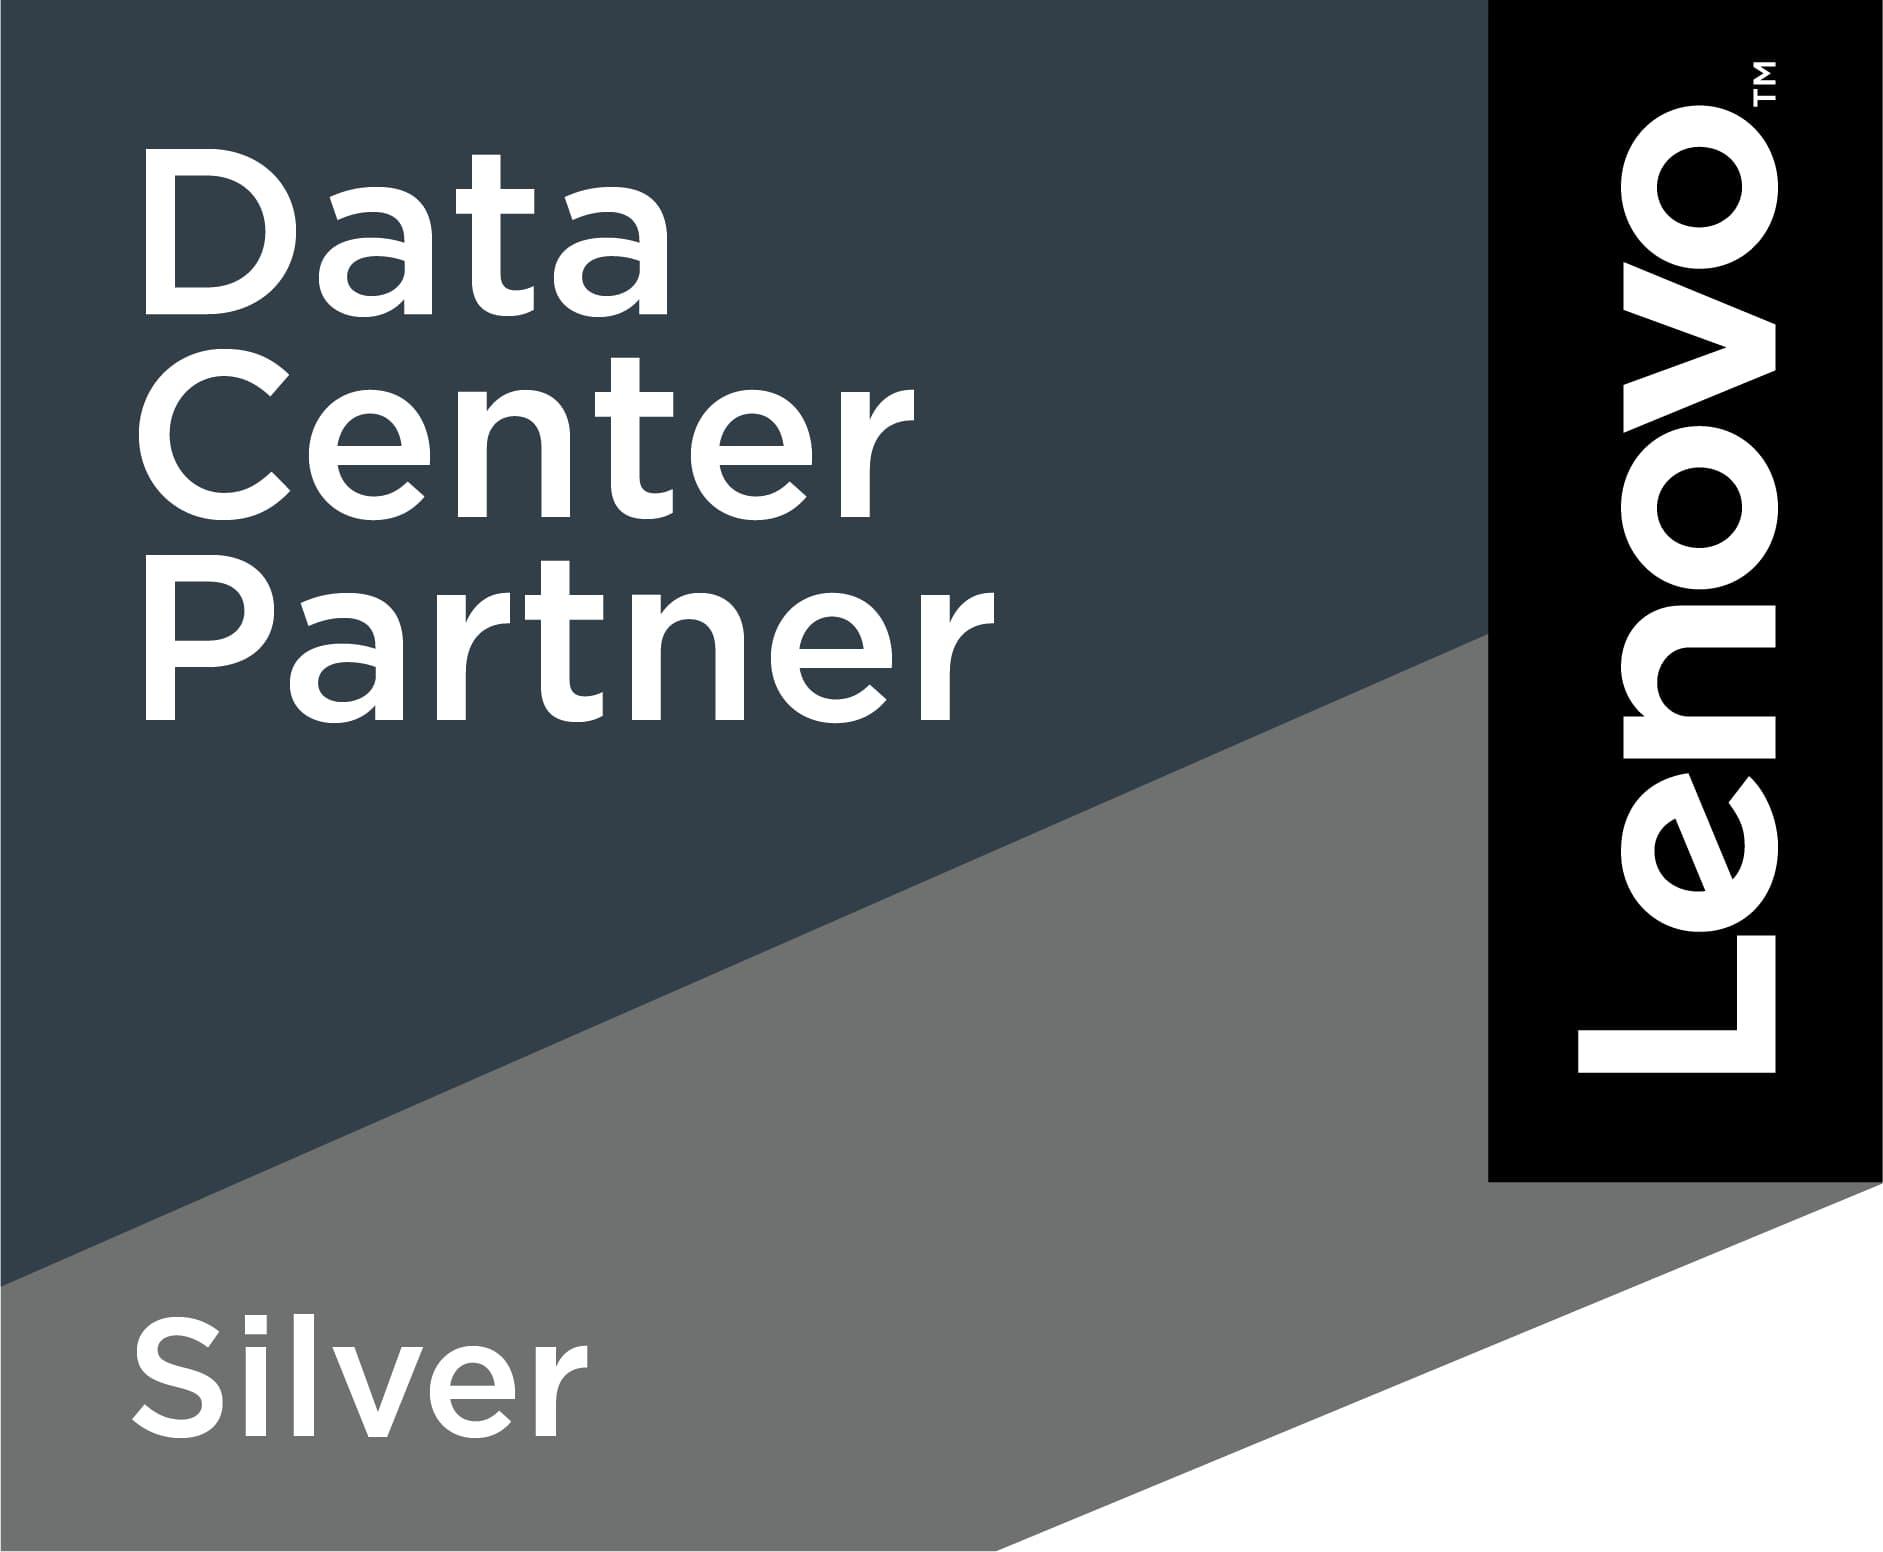 Lenovo DCG Silver Partner Logo